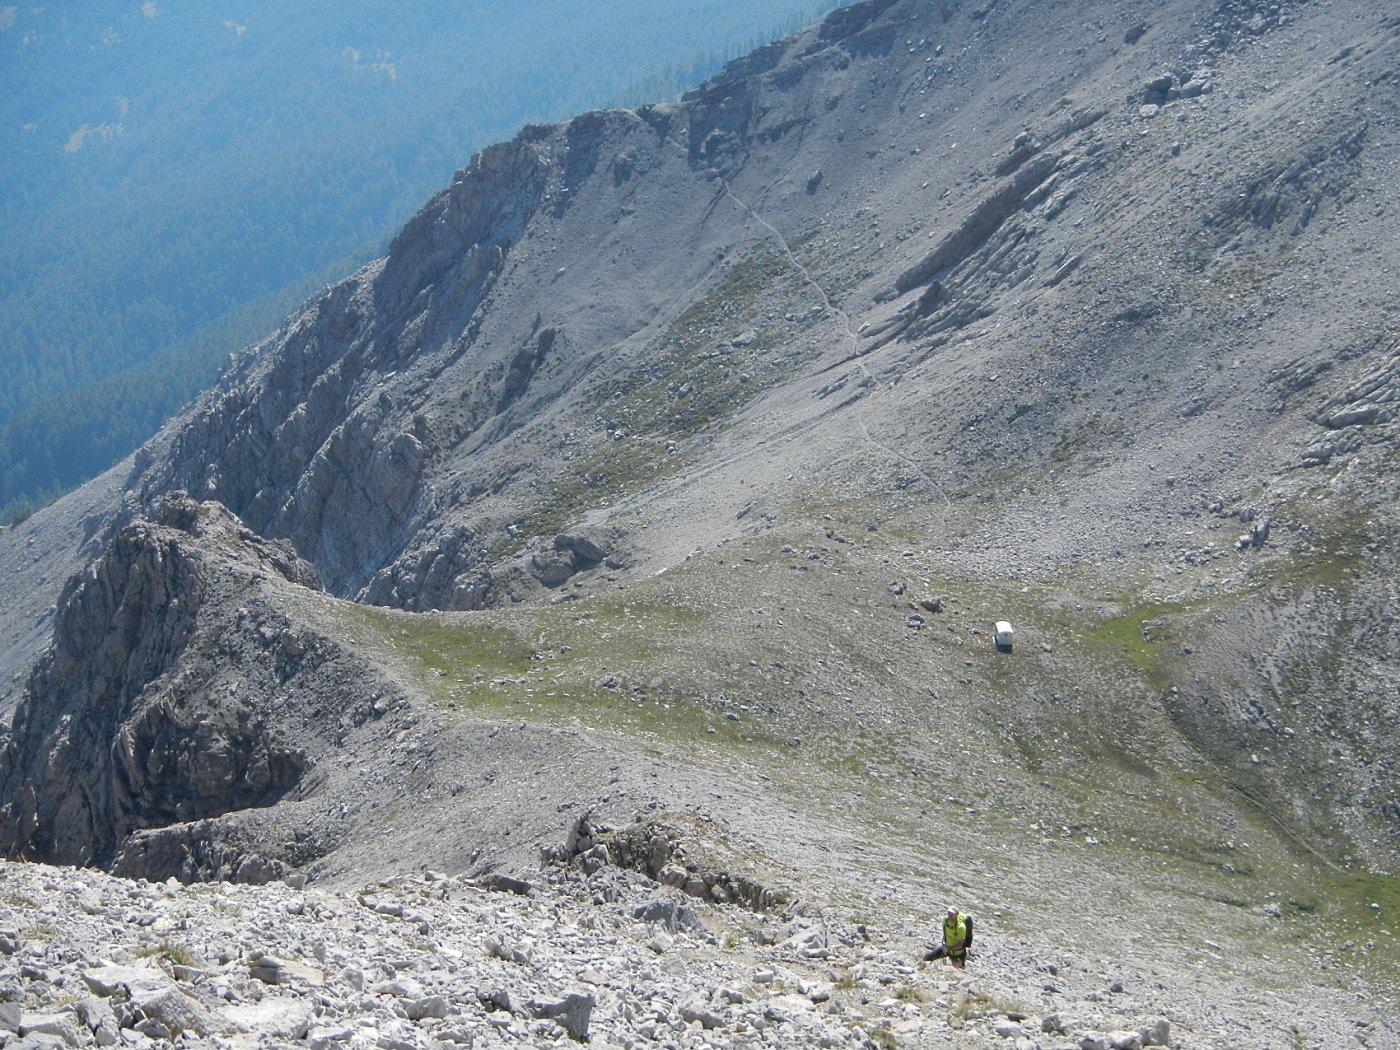 il bivacco Blanchetti visto dal sentiero di salita alla Grand'Hoche